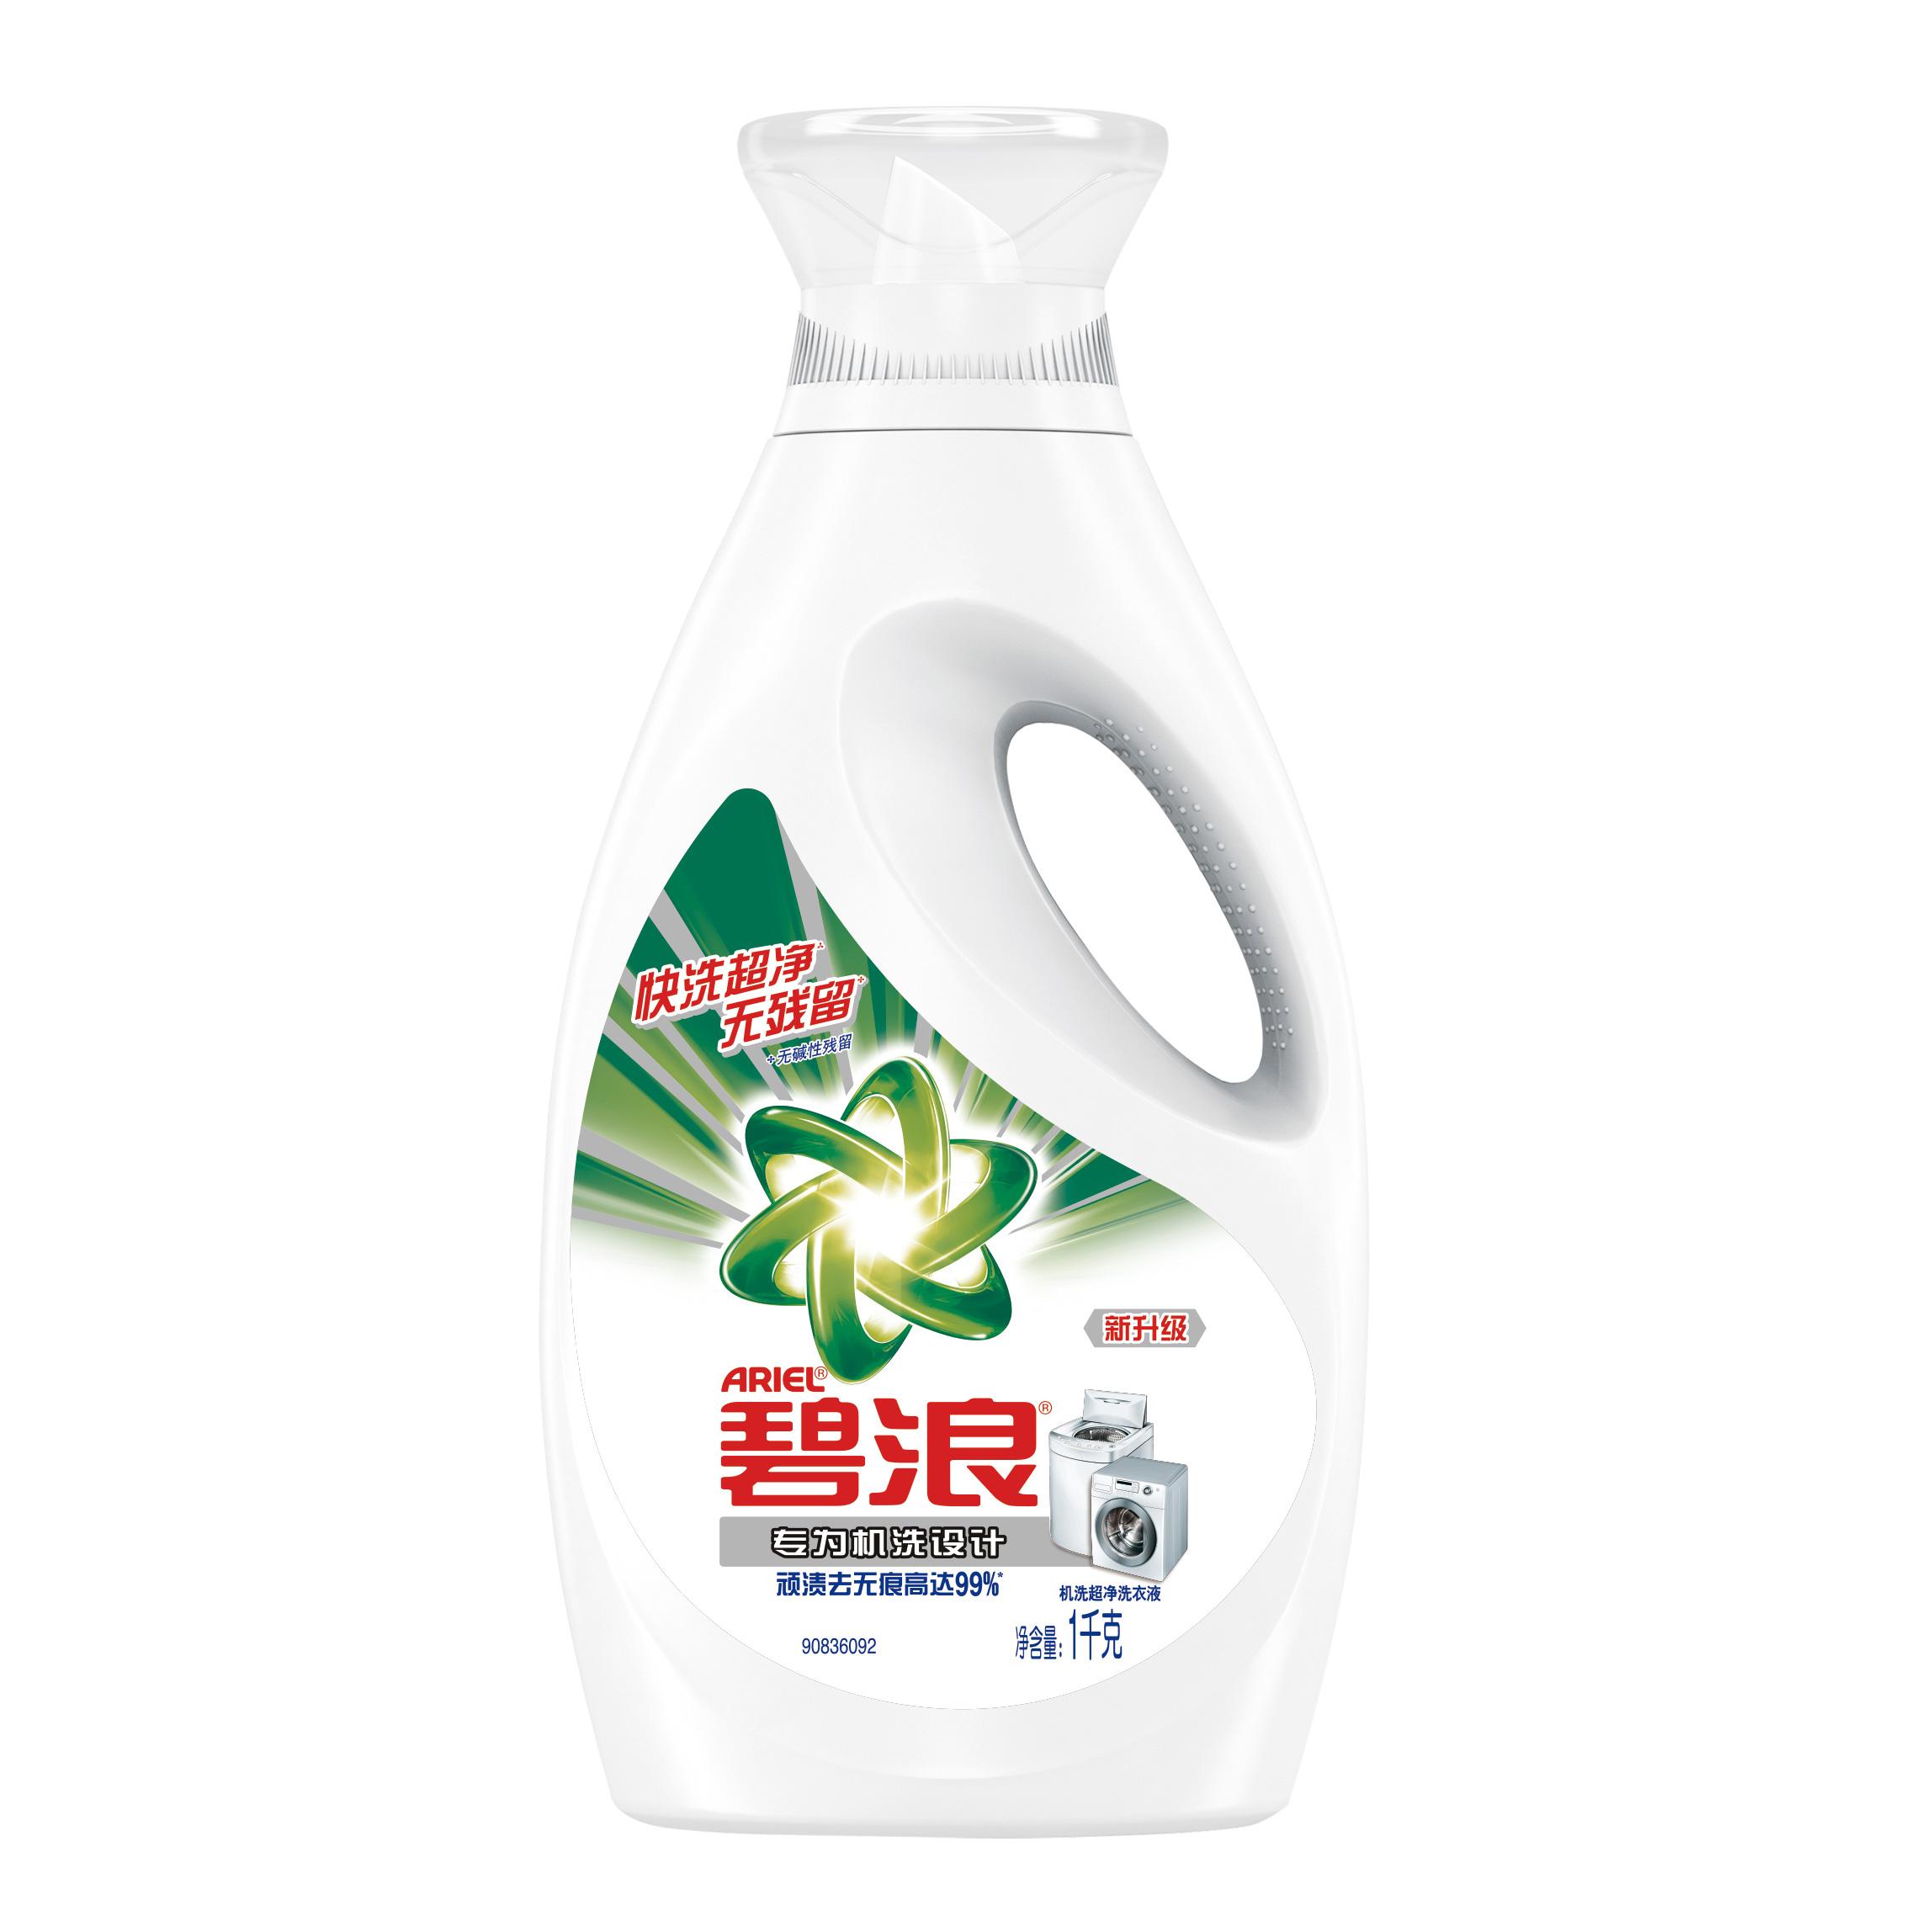 ~天貓超市~碧浪 機洗超淨洗衣液1千克